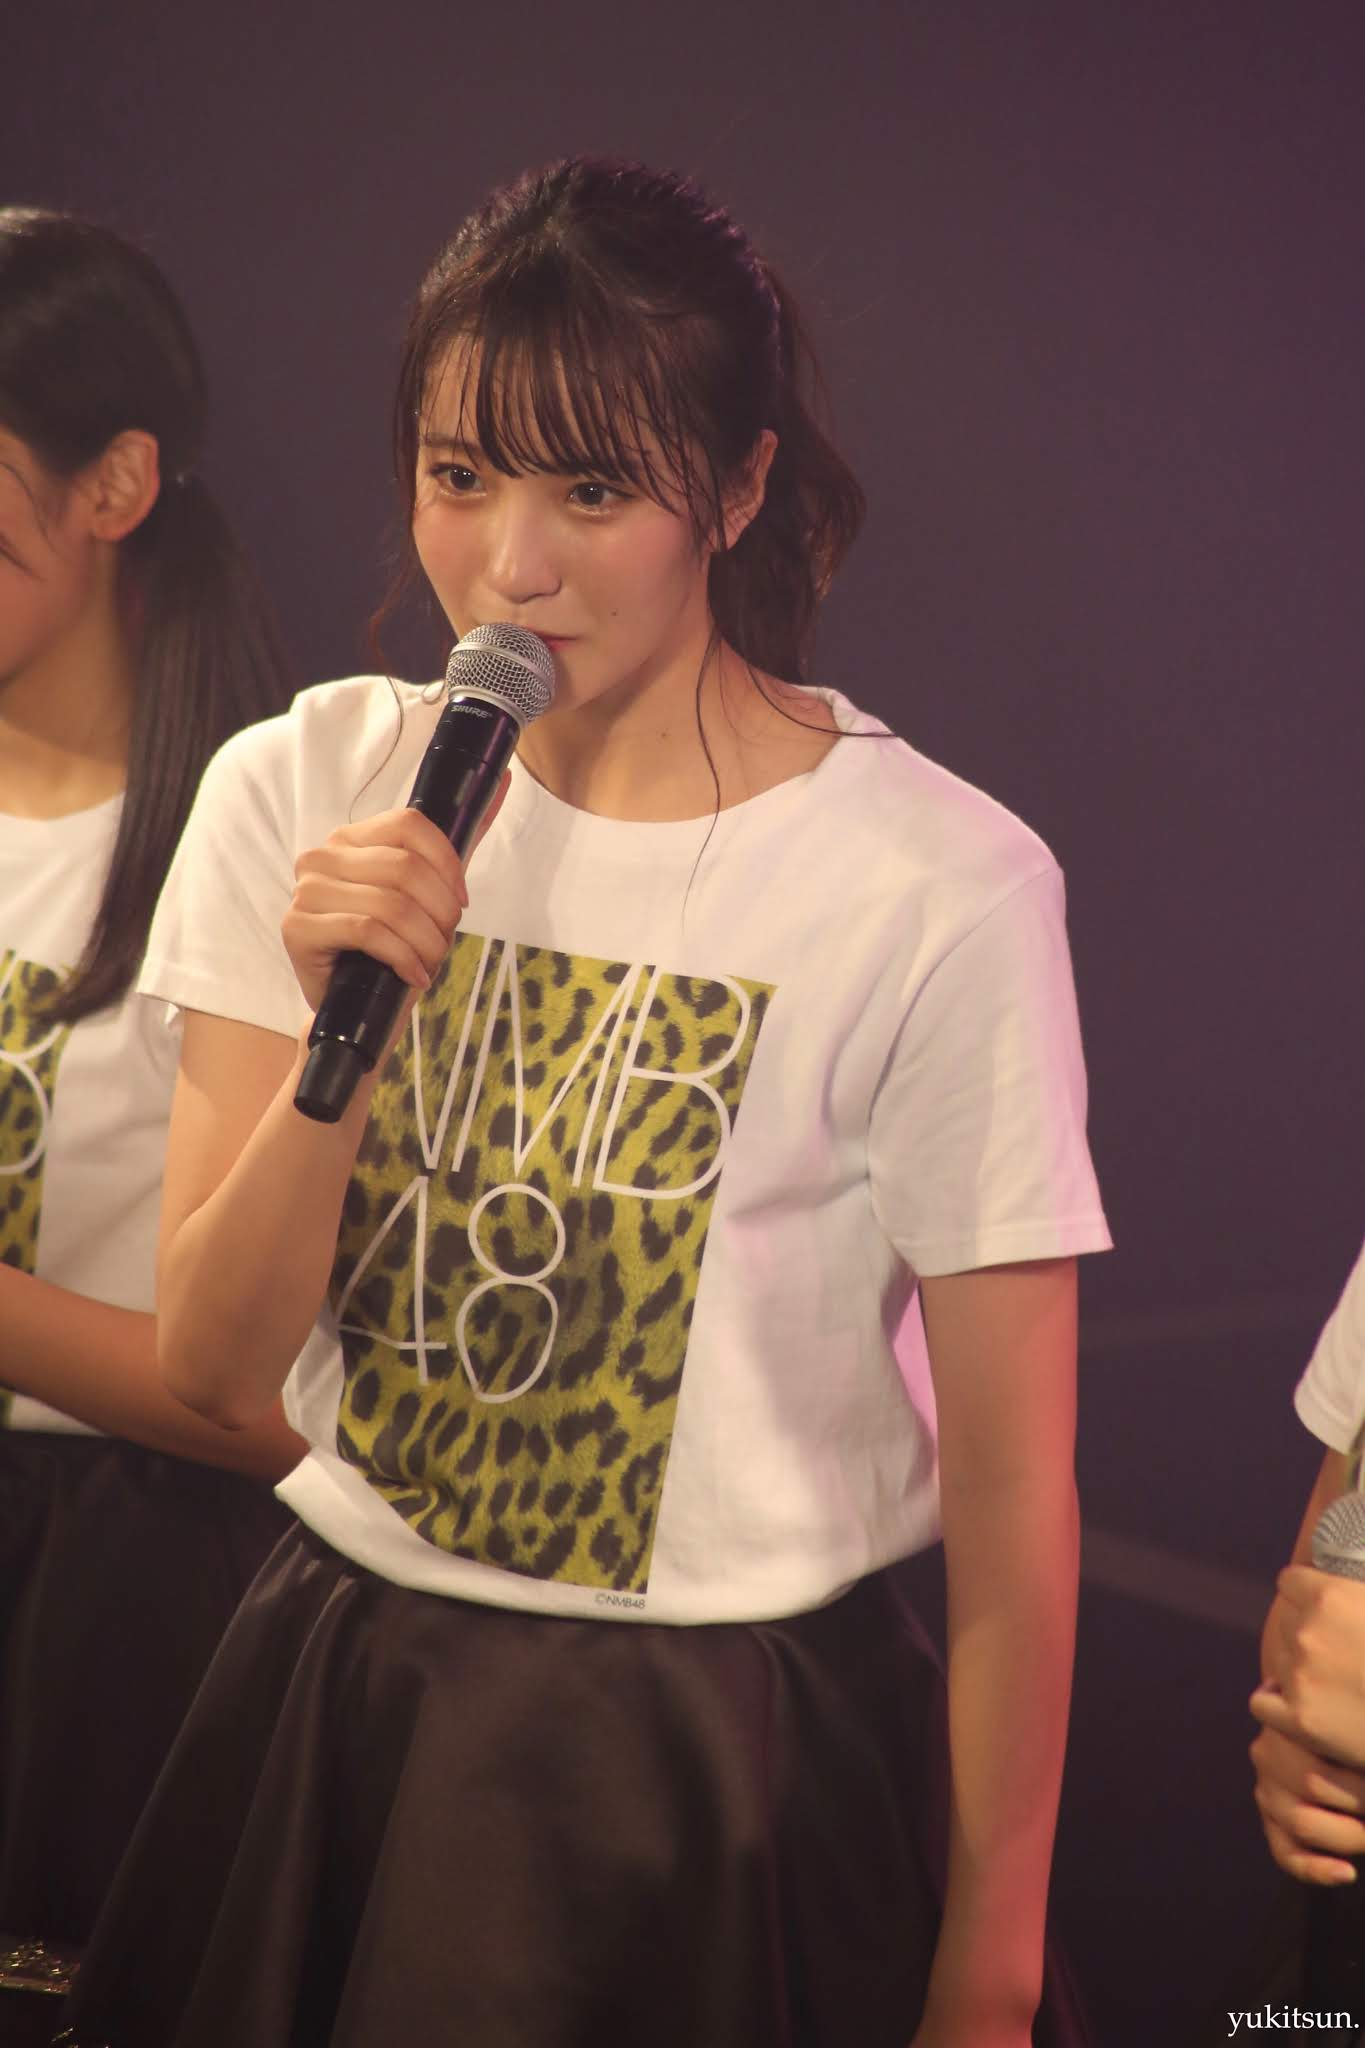 shinjidai-21